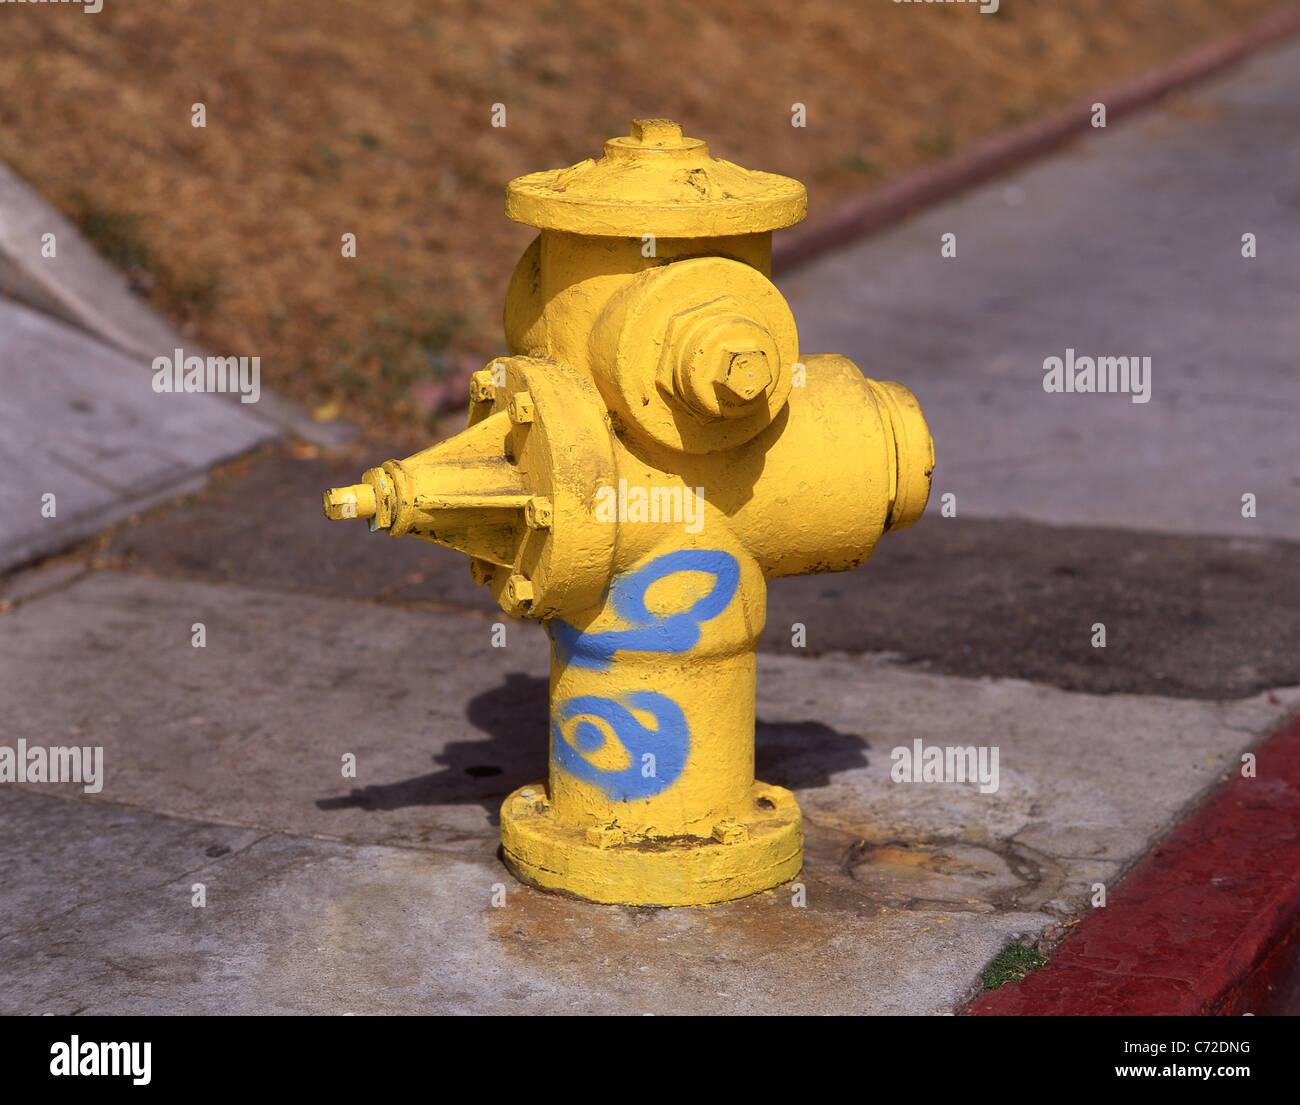 Incendie jaune sur trottoir, San Francisco, Californie, États-Unis d'Amérique Banque D'Images